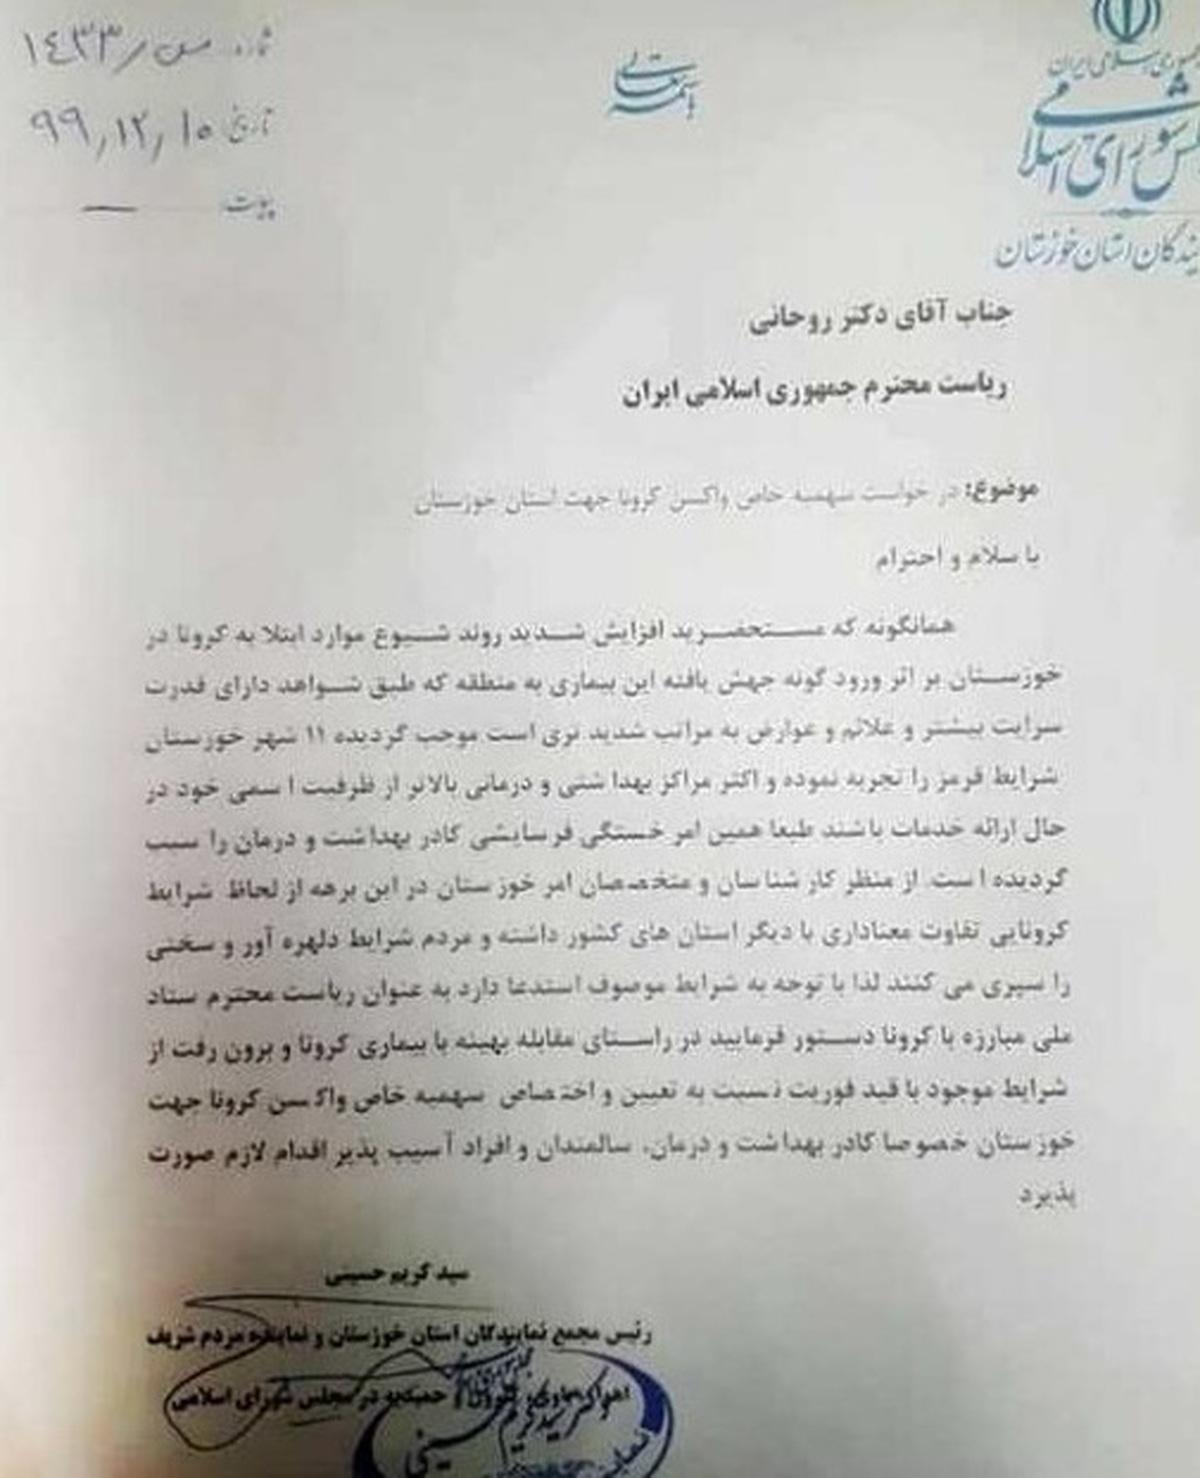 نماینده اهواز برای خوزستان درخواست سهمیه واکسن کرونا کرد| شیوع کرونا در خوزستان و درخواست سهمیه واکسن کرونا از رئیس جمهور